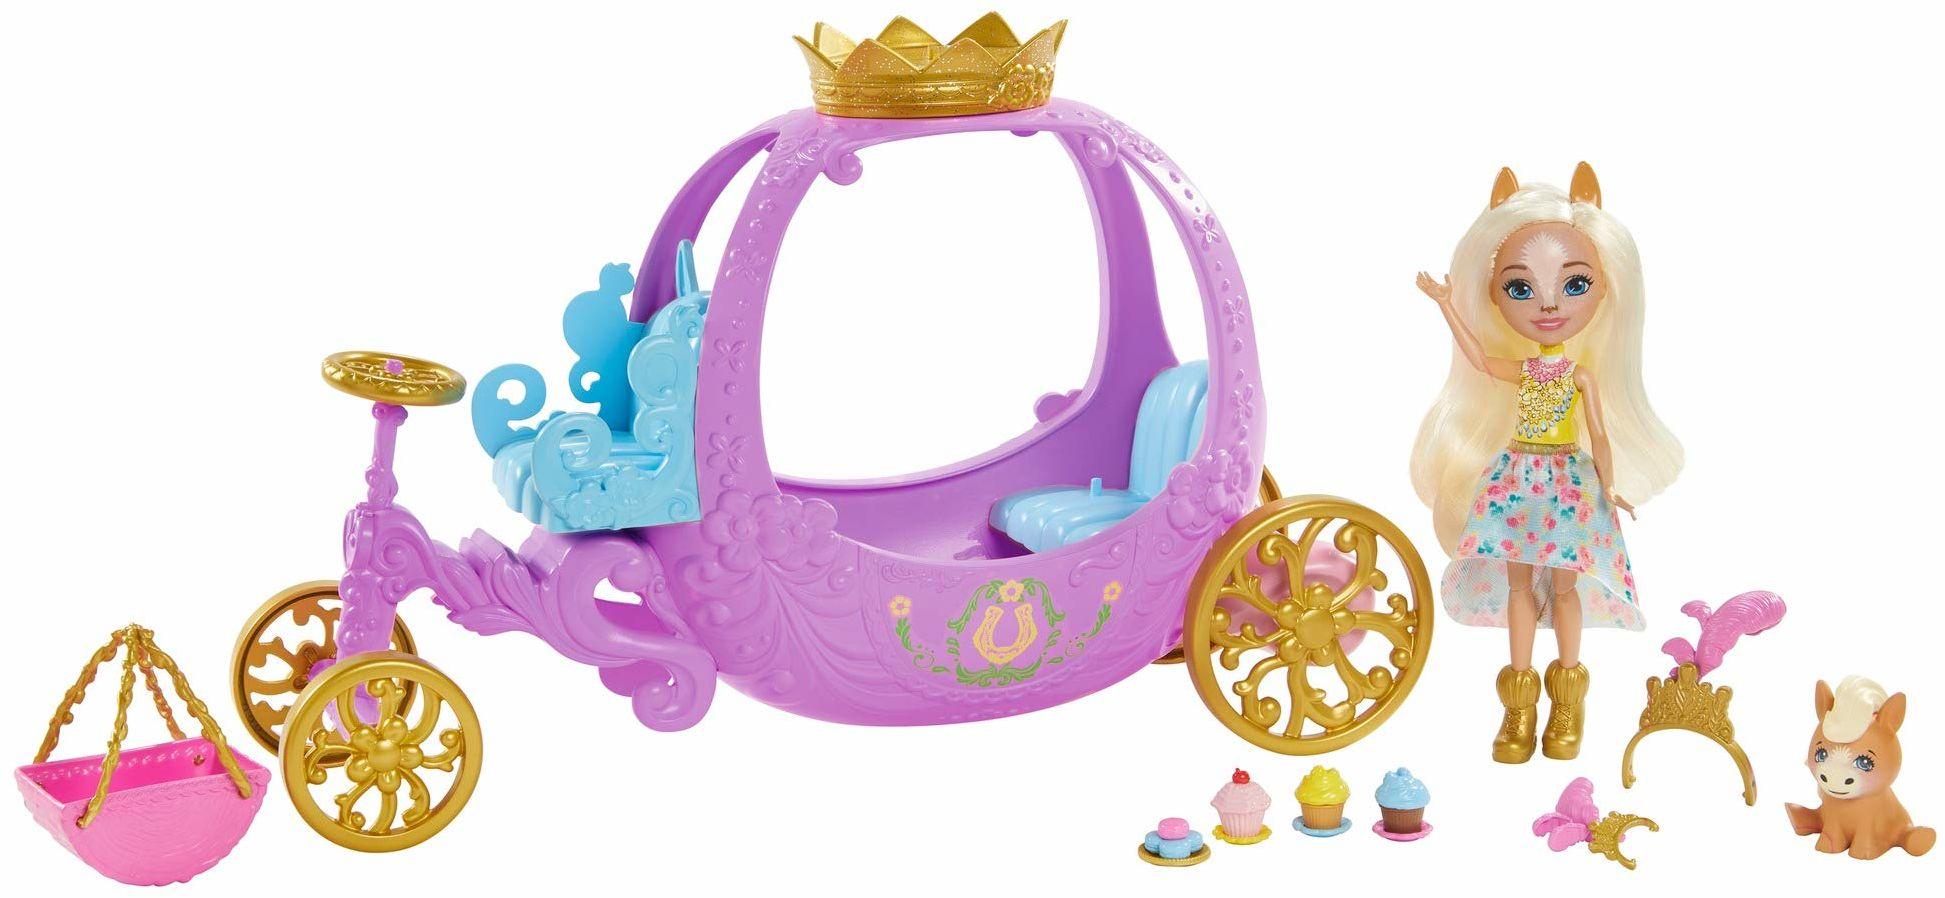 Enchantimals GYJ16  zestaw do zabawy, zjeżdżalnia dla księżniczek (20,5 cm), z kolekcji Royals z lalką Peola Pony i figurką zwierząt, 7 akcesoriów, wspaniały prezent dla dzieci w wieku od 3 do 8 lat